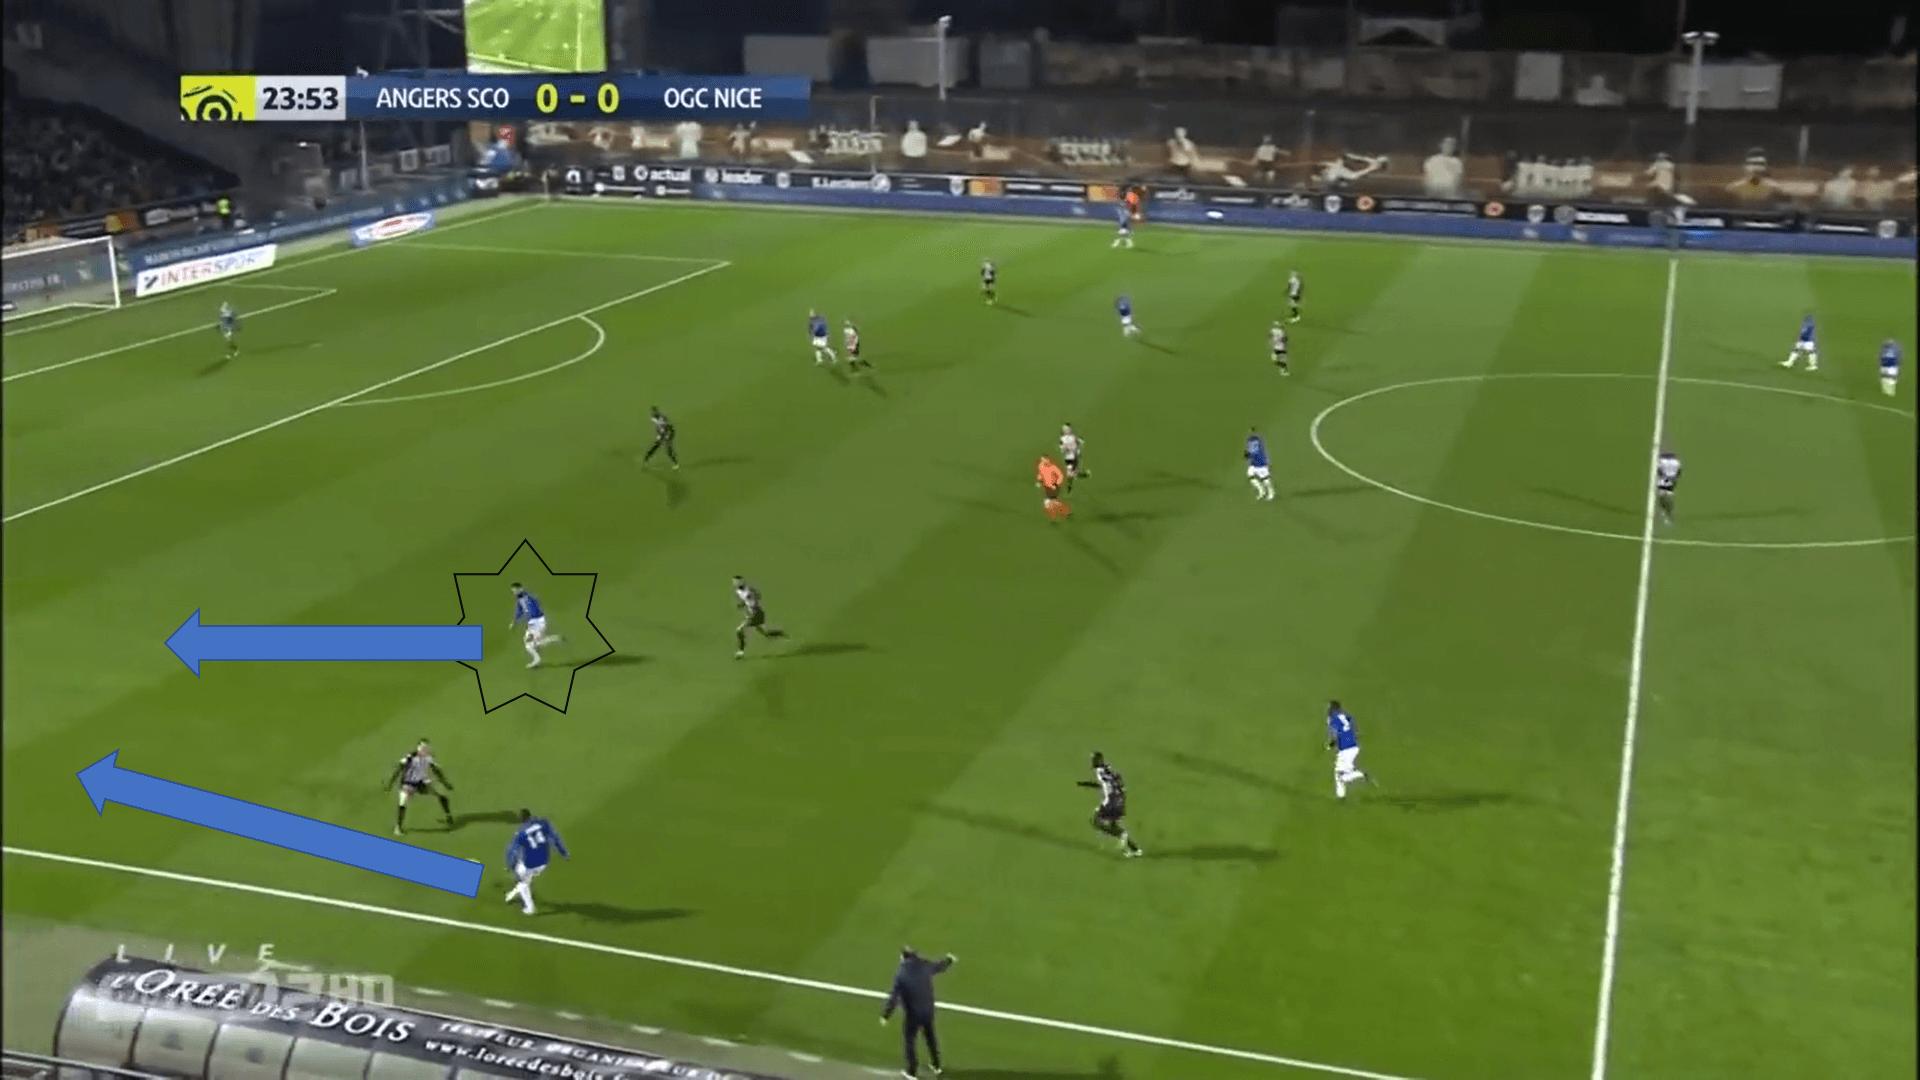 How Patrick Vieira is managing OGC Nice tactical analysis tactics